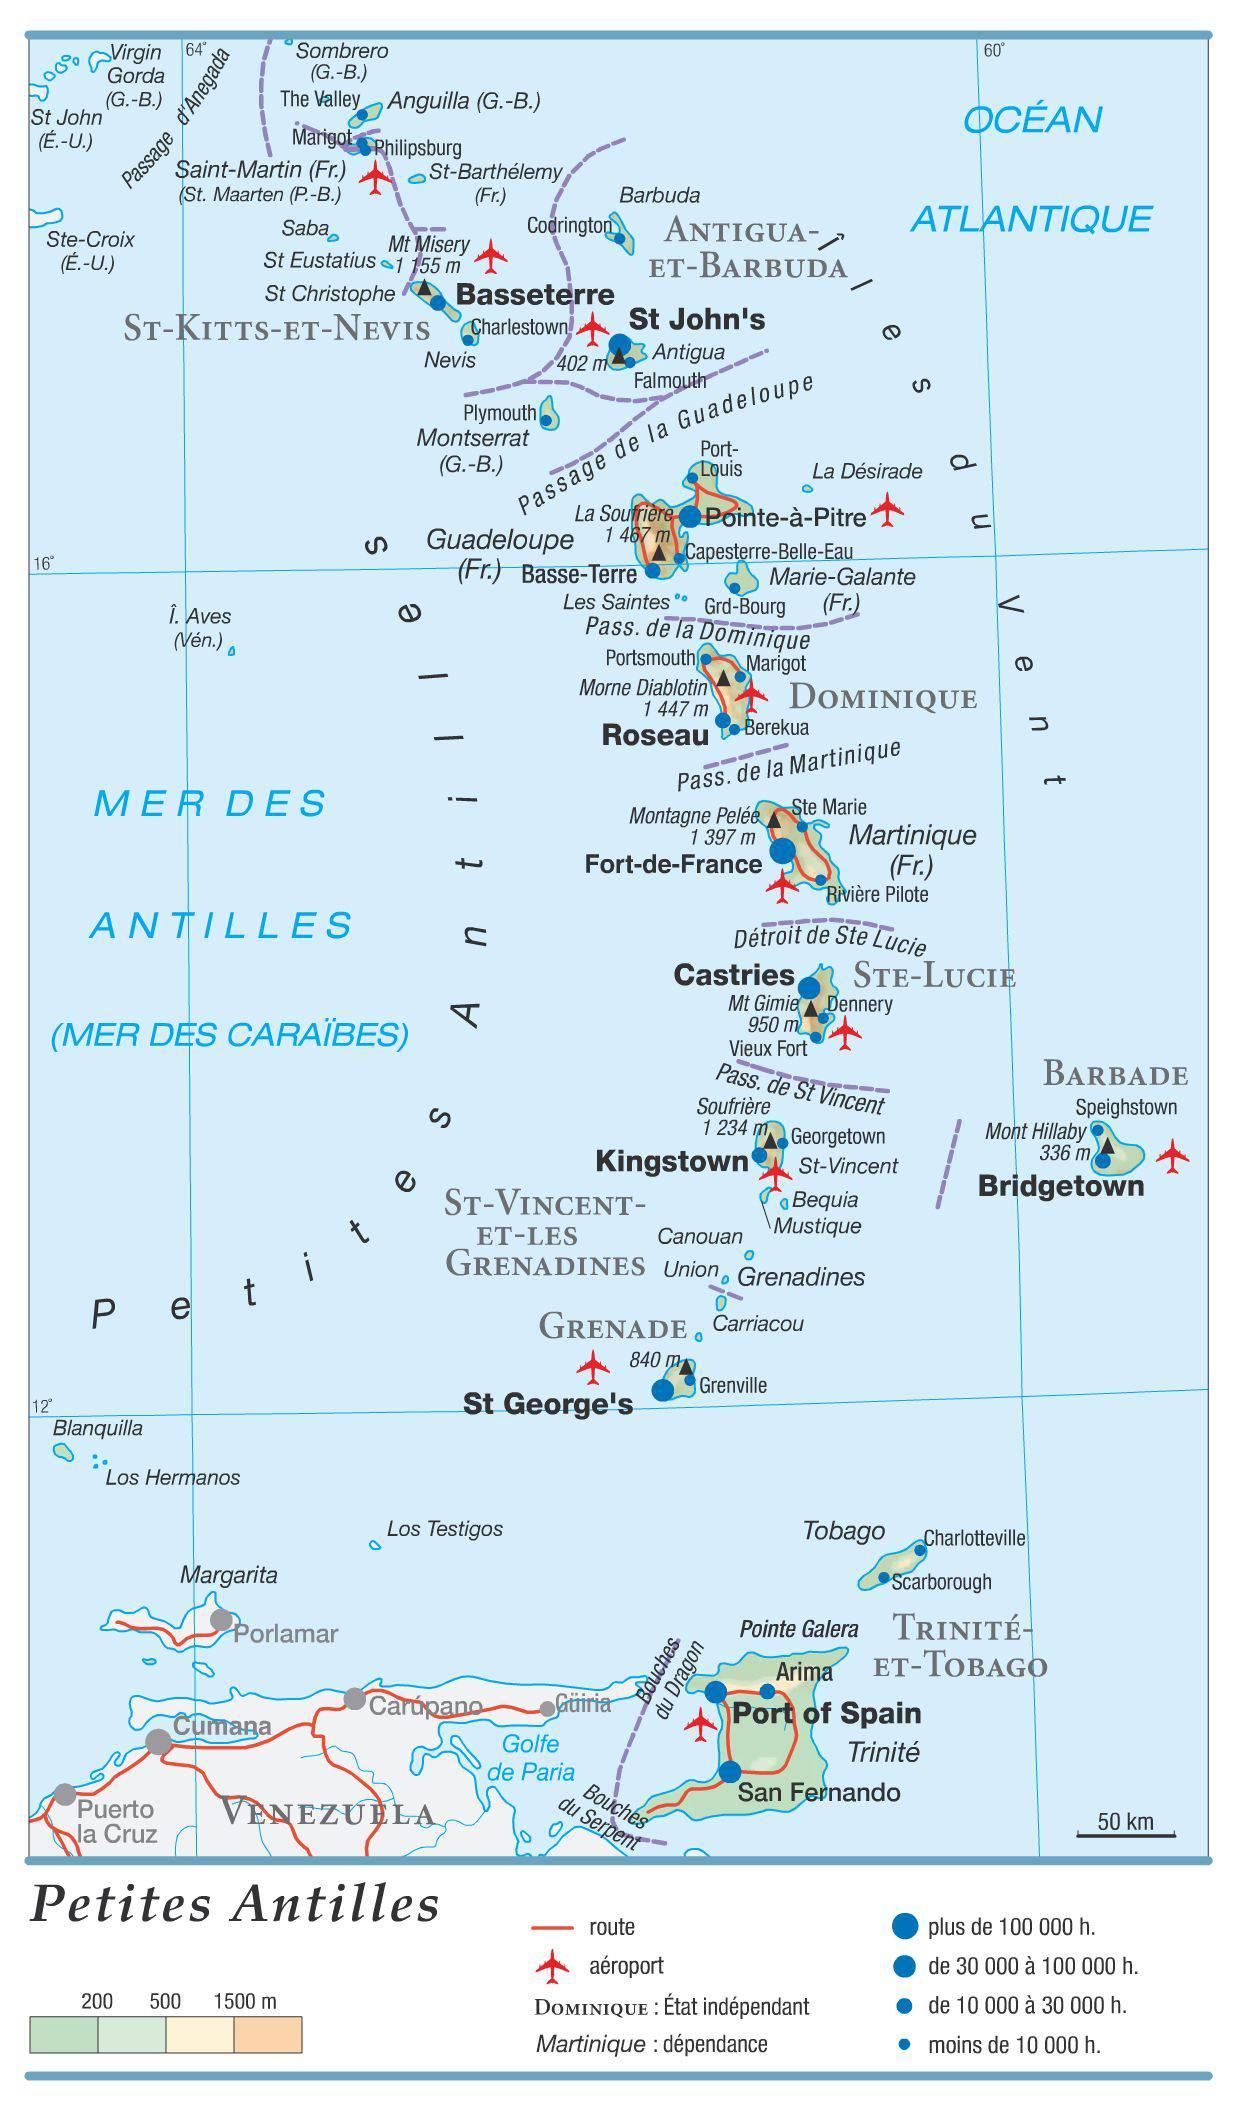 Antigua-et-Barbuda aux Antilles (Caraïbes)